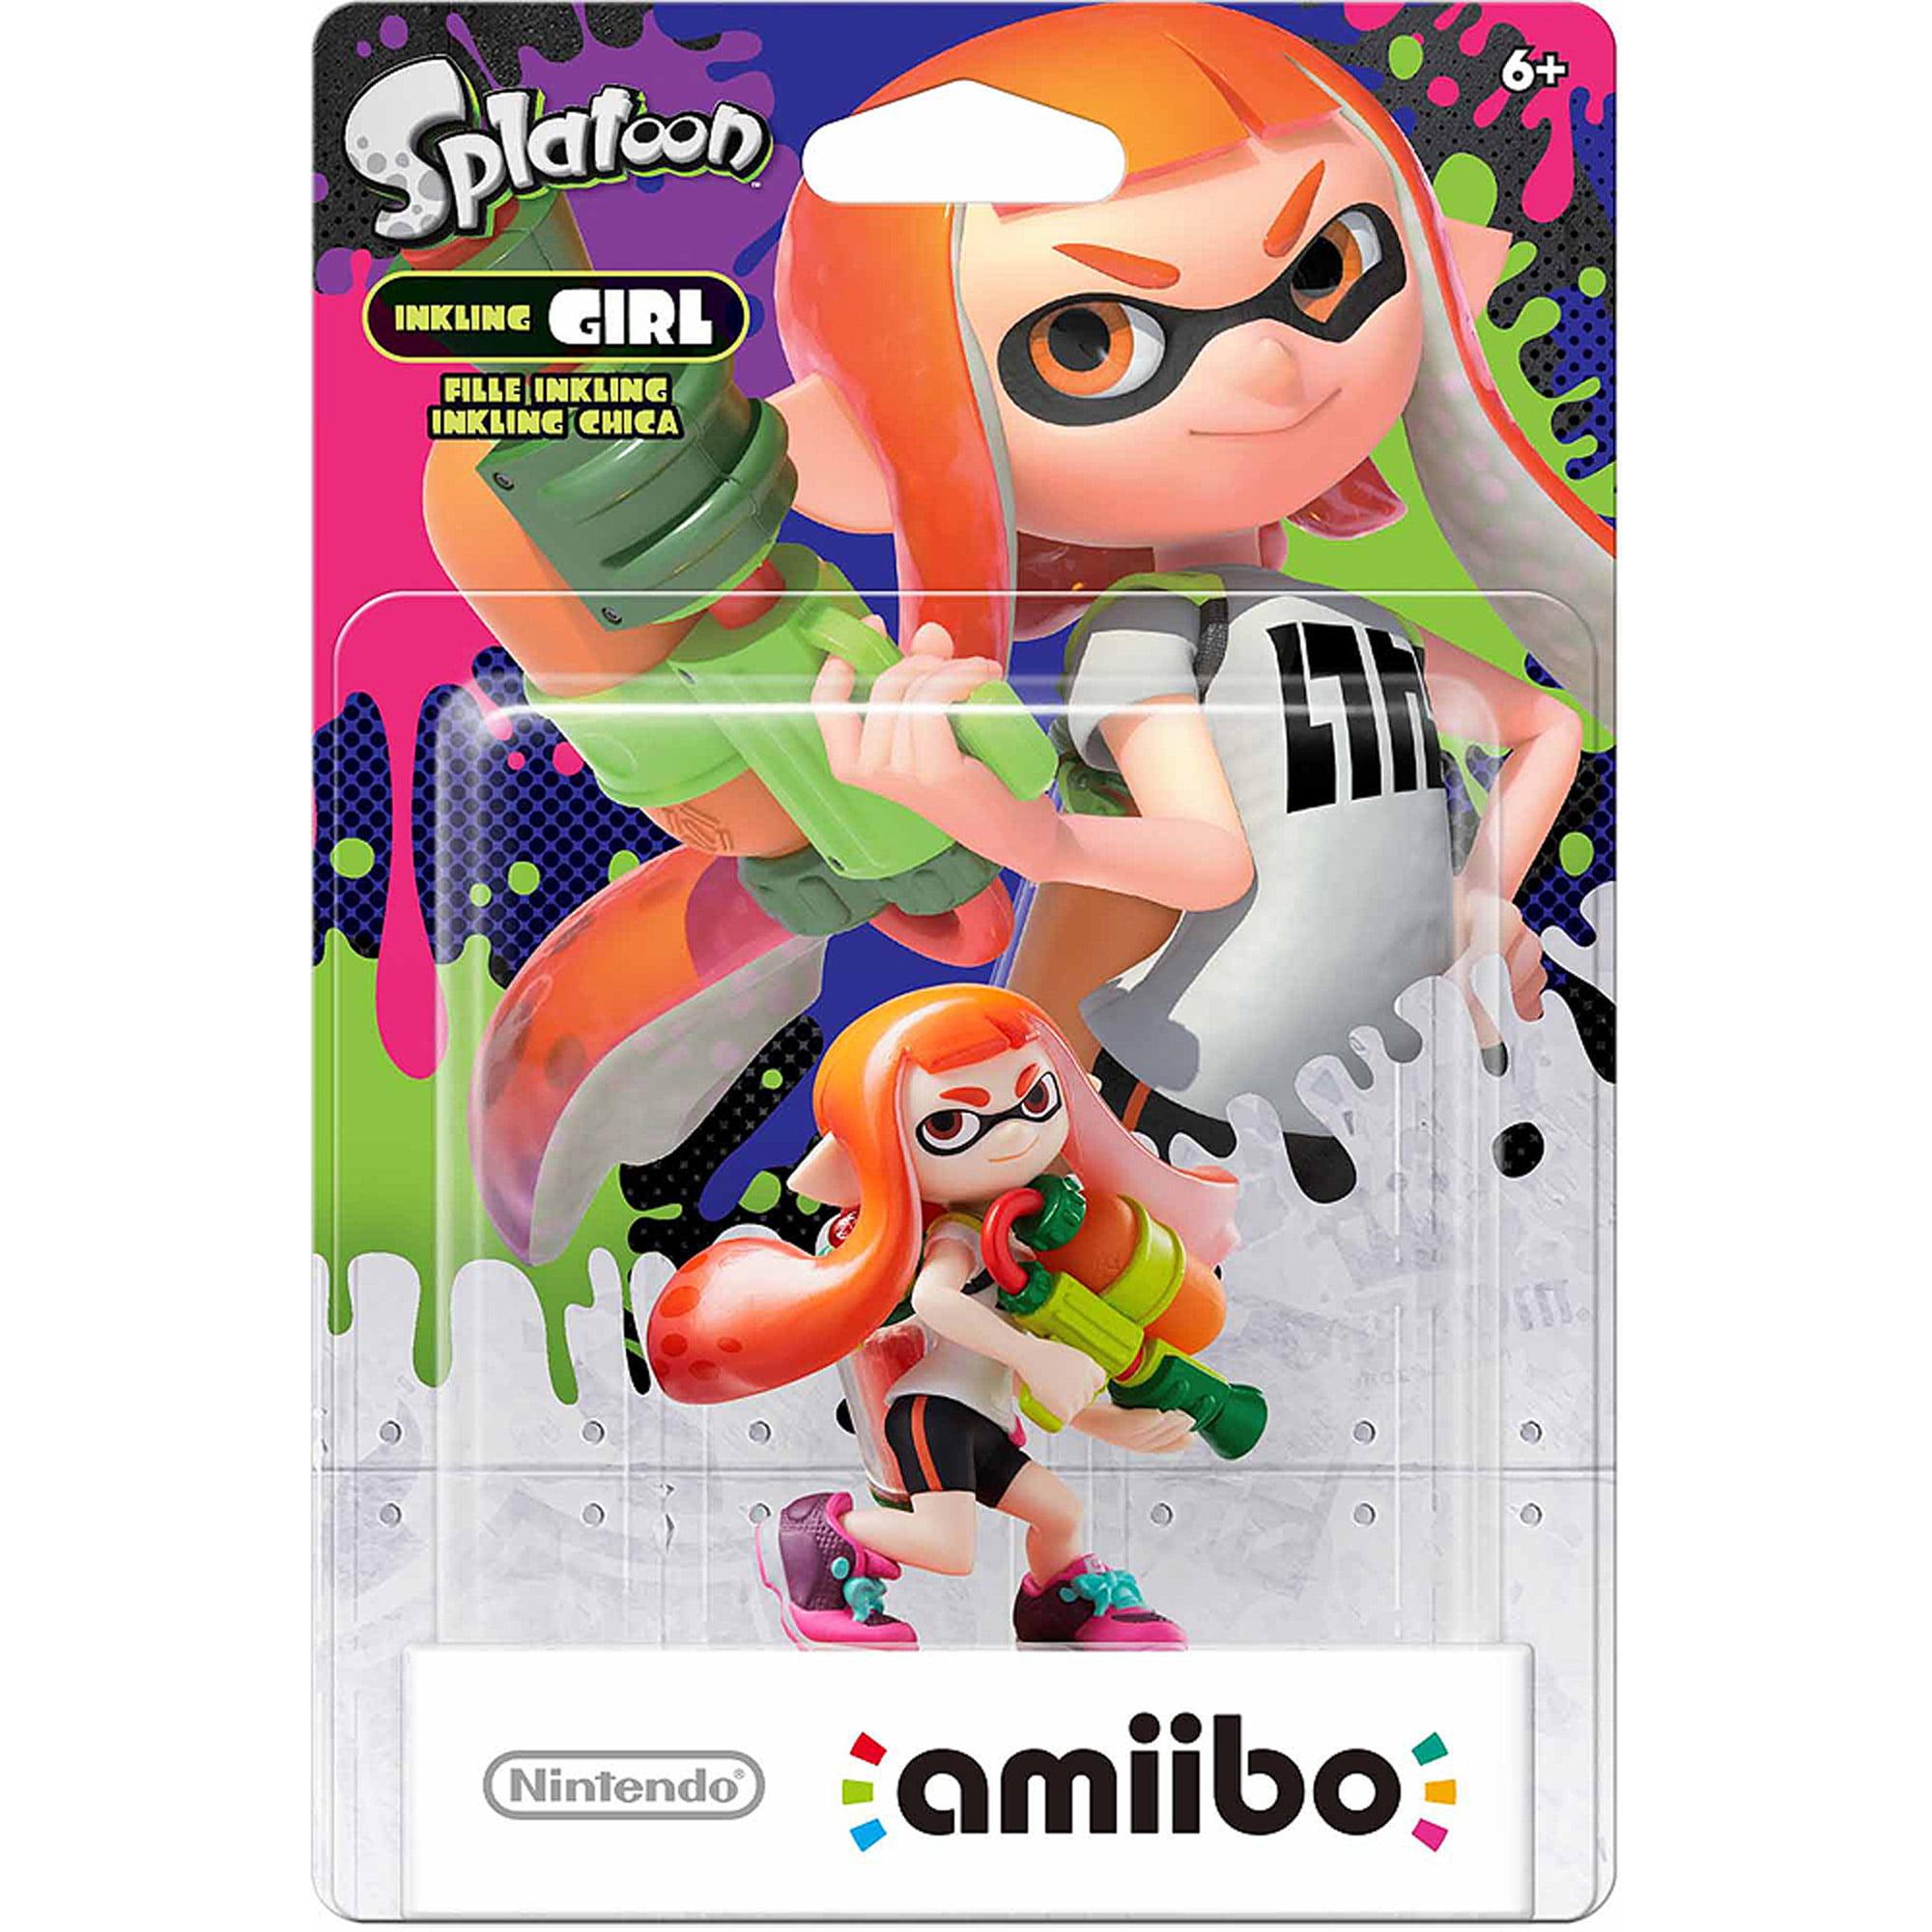 Inkling Girl, Splatoon Series, Nintendo amiibo, NVLCAEAA